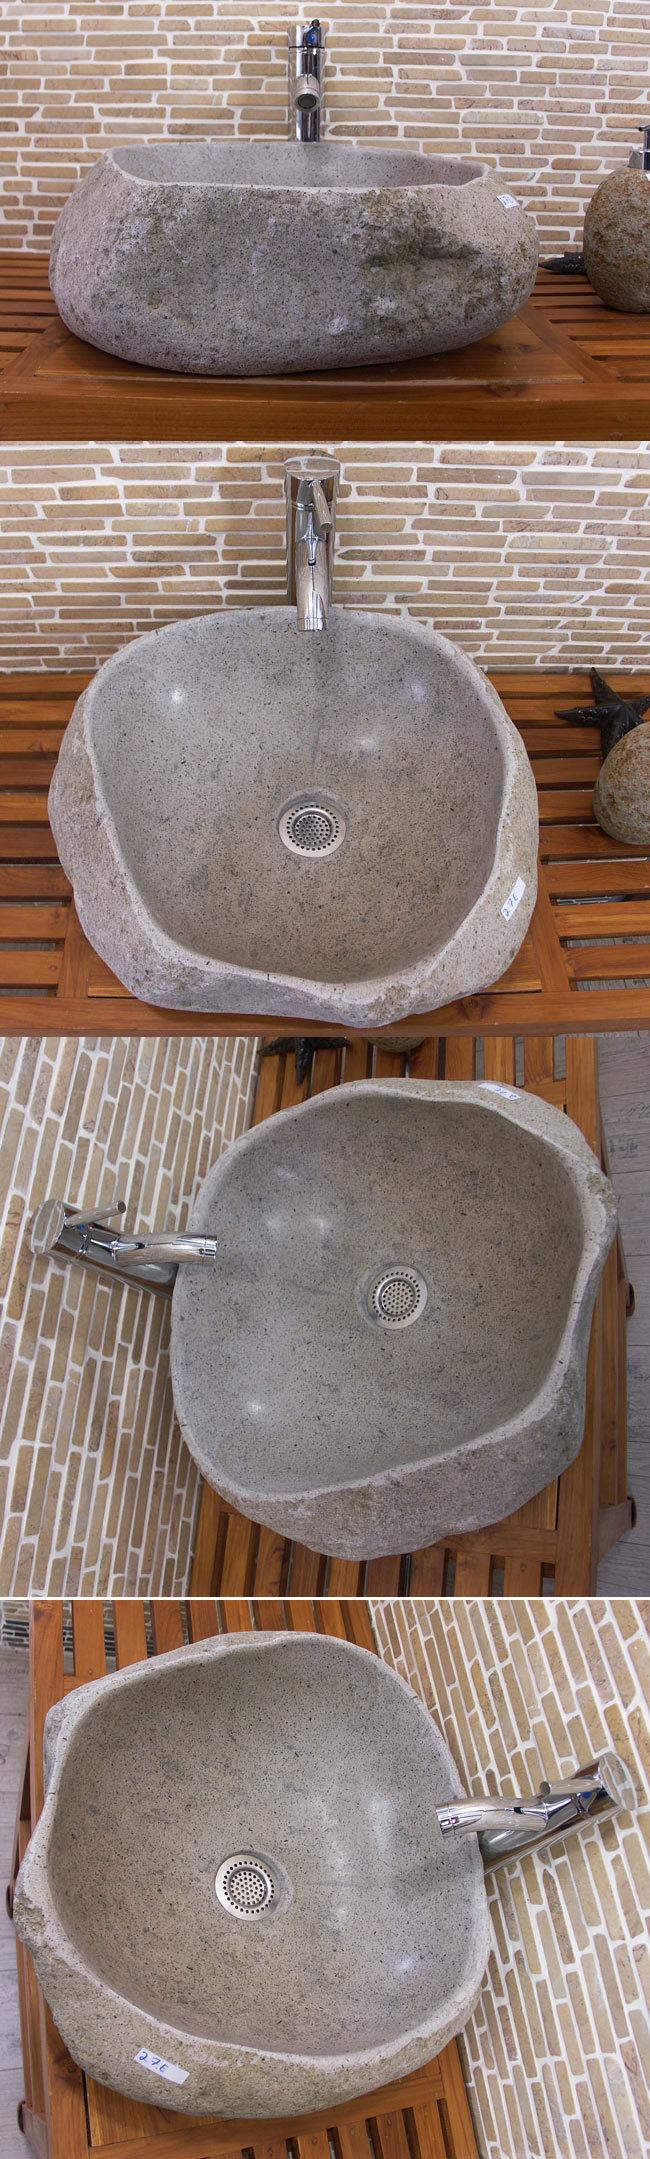 waschbecken aus flussstein bafs 27e ein unikat f r ihr bad. Black Bedroom Furniture Sets. Home Design Ideas